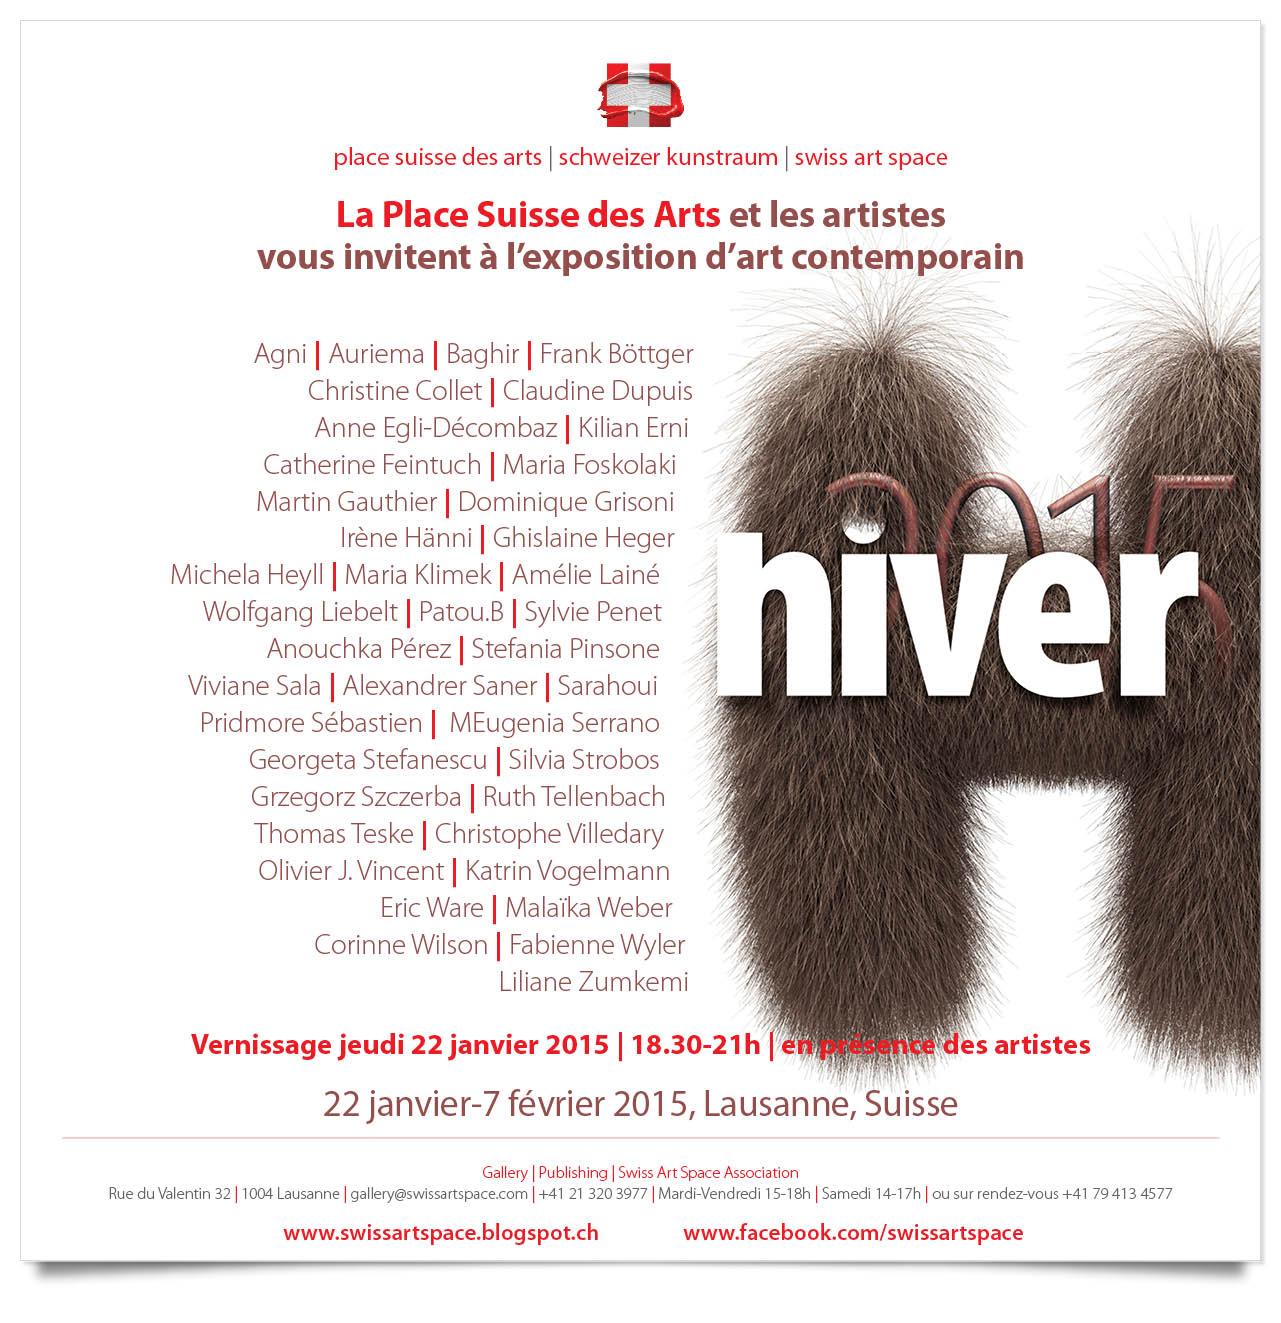 Exposition d'art contemporain à Lausanne (2015)